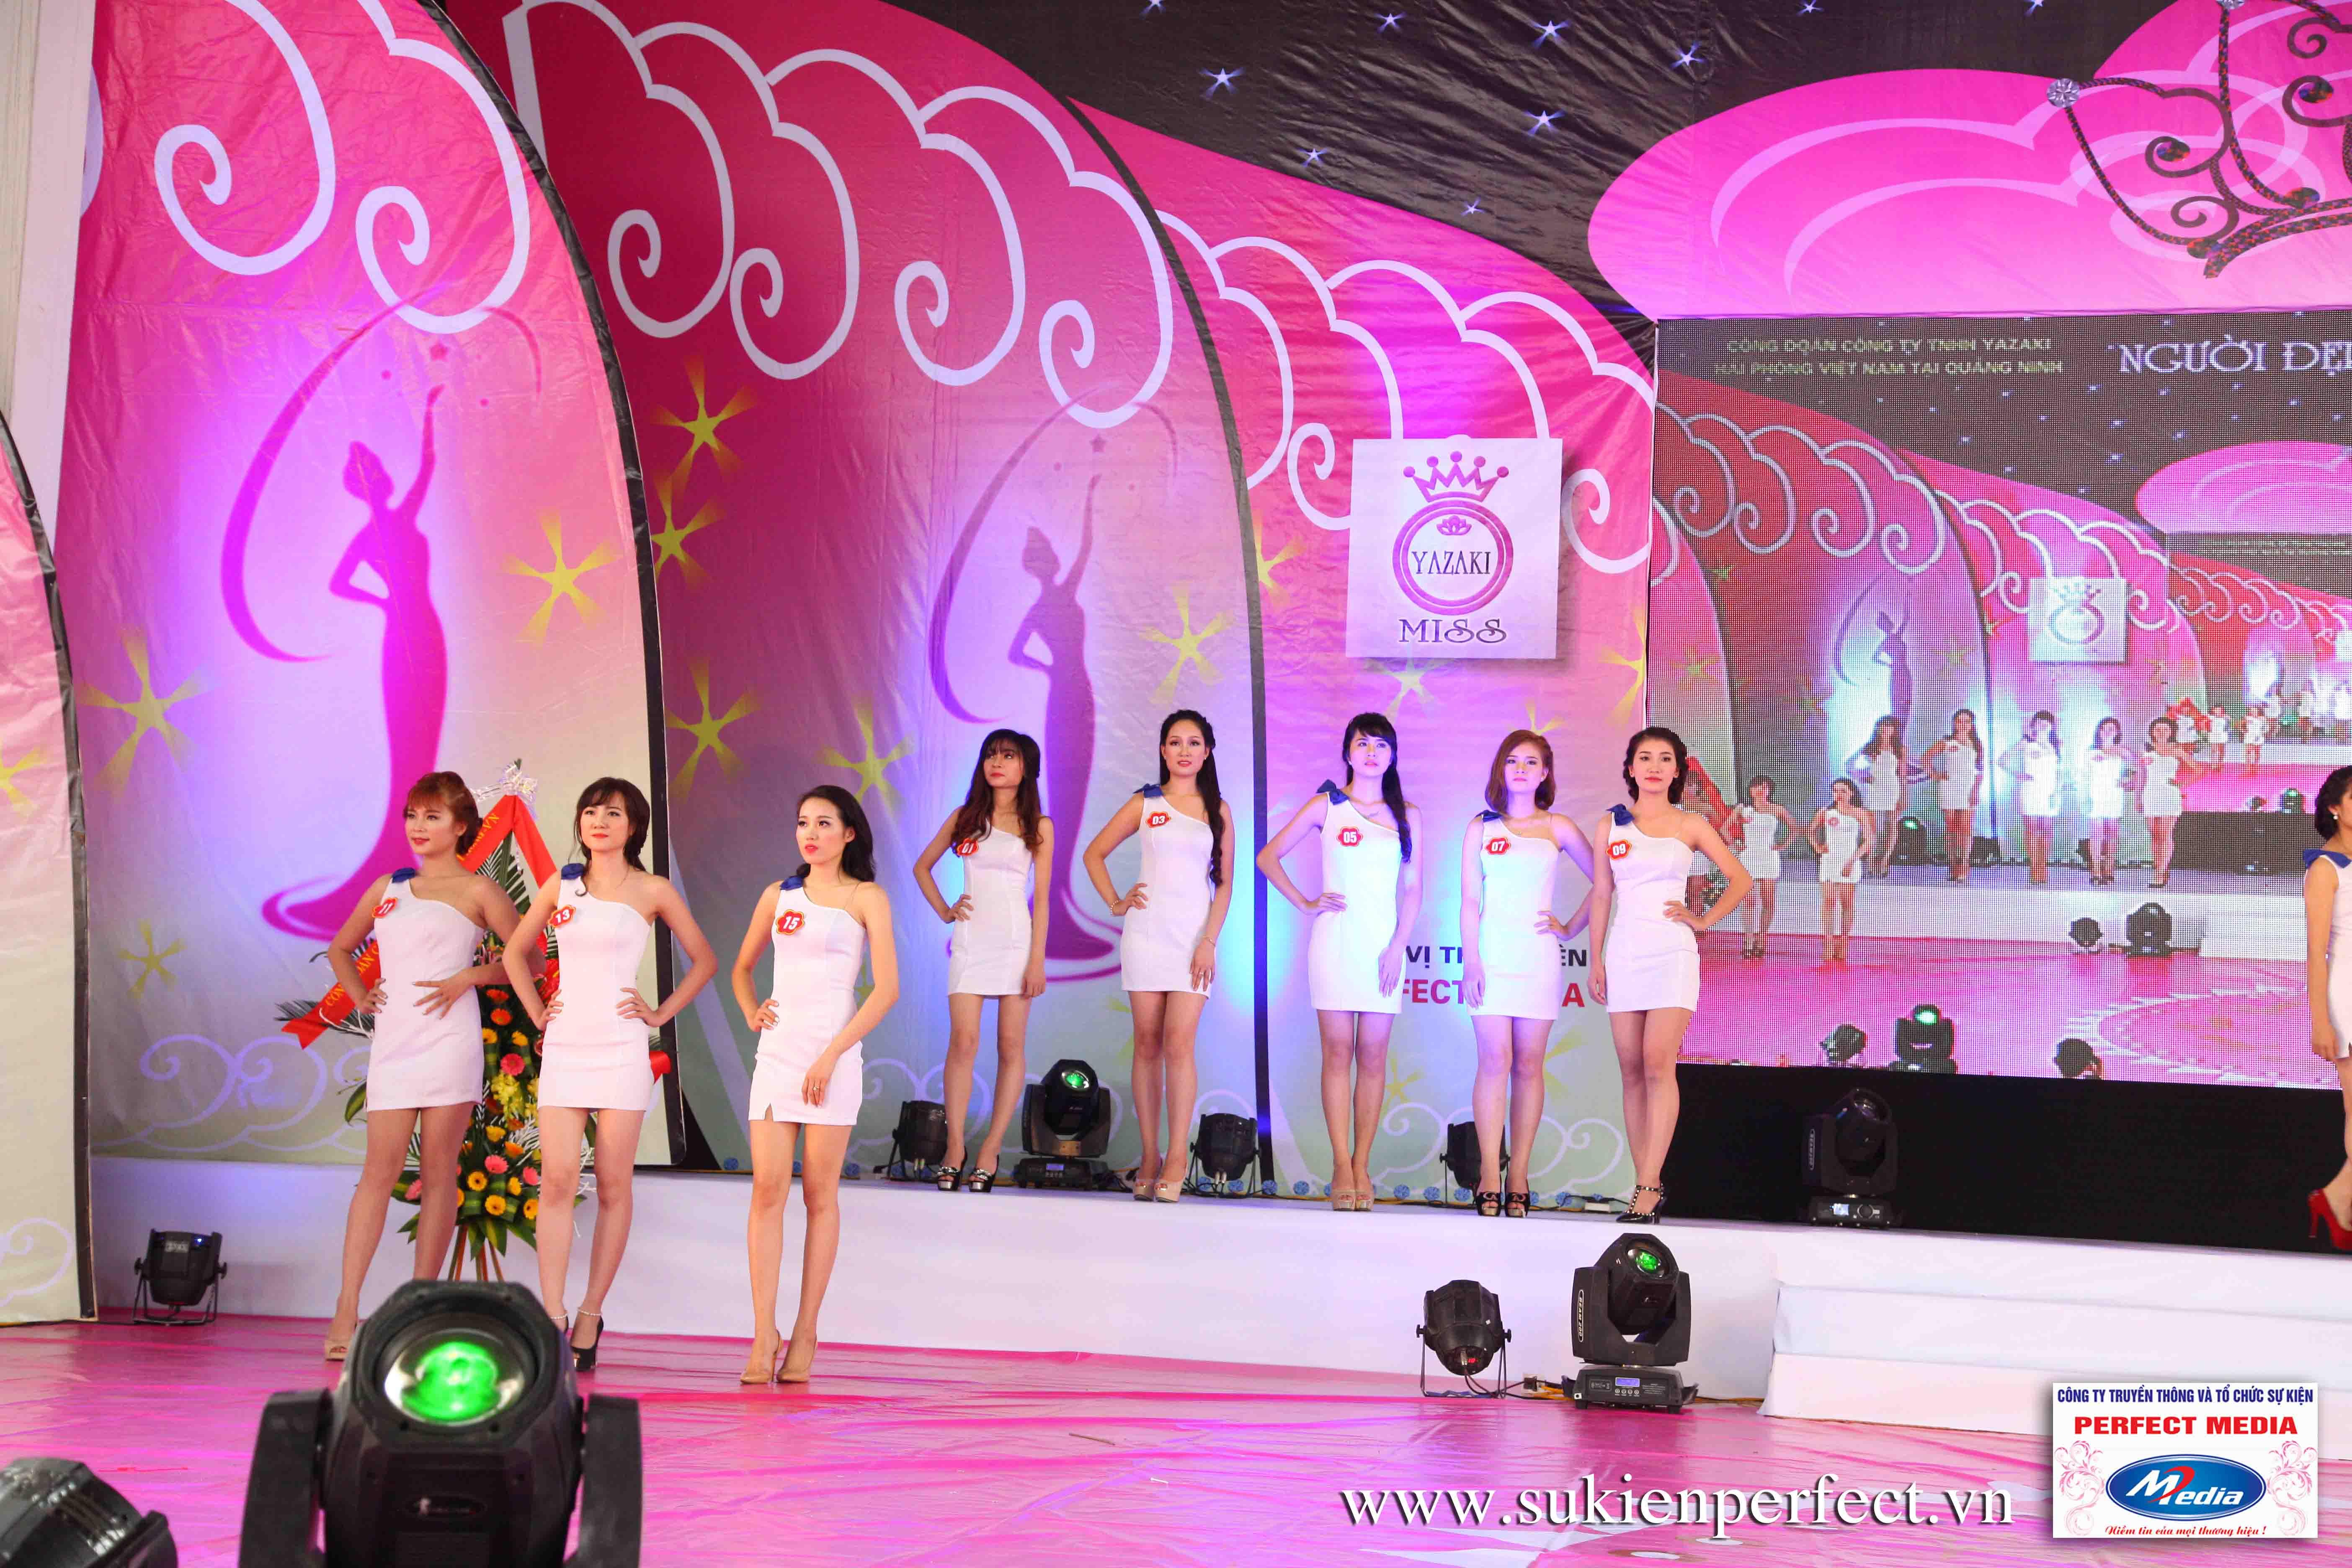 Hình ảnh các thí sinh trong cuộc thi Người đẹp Yazaki Quảng Ninh 2016 (Hình thể) - 09